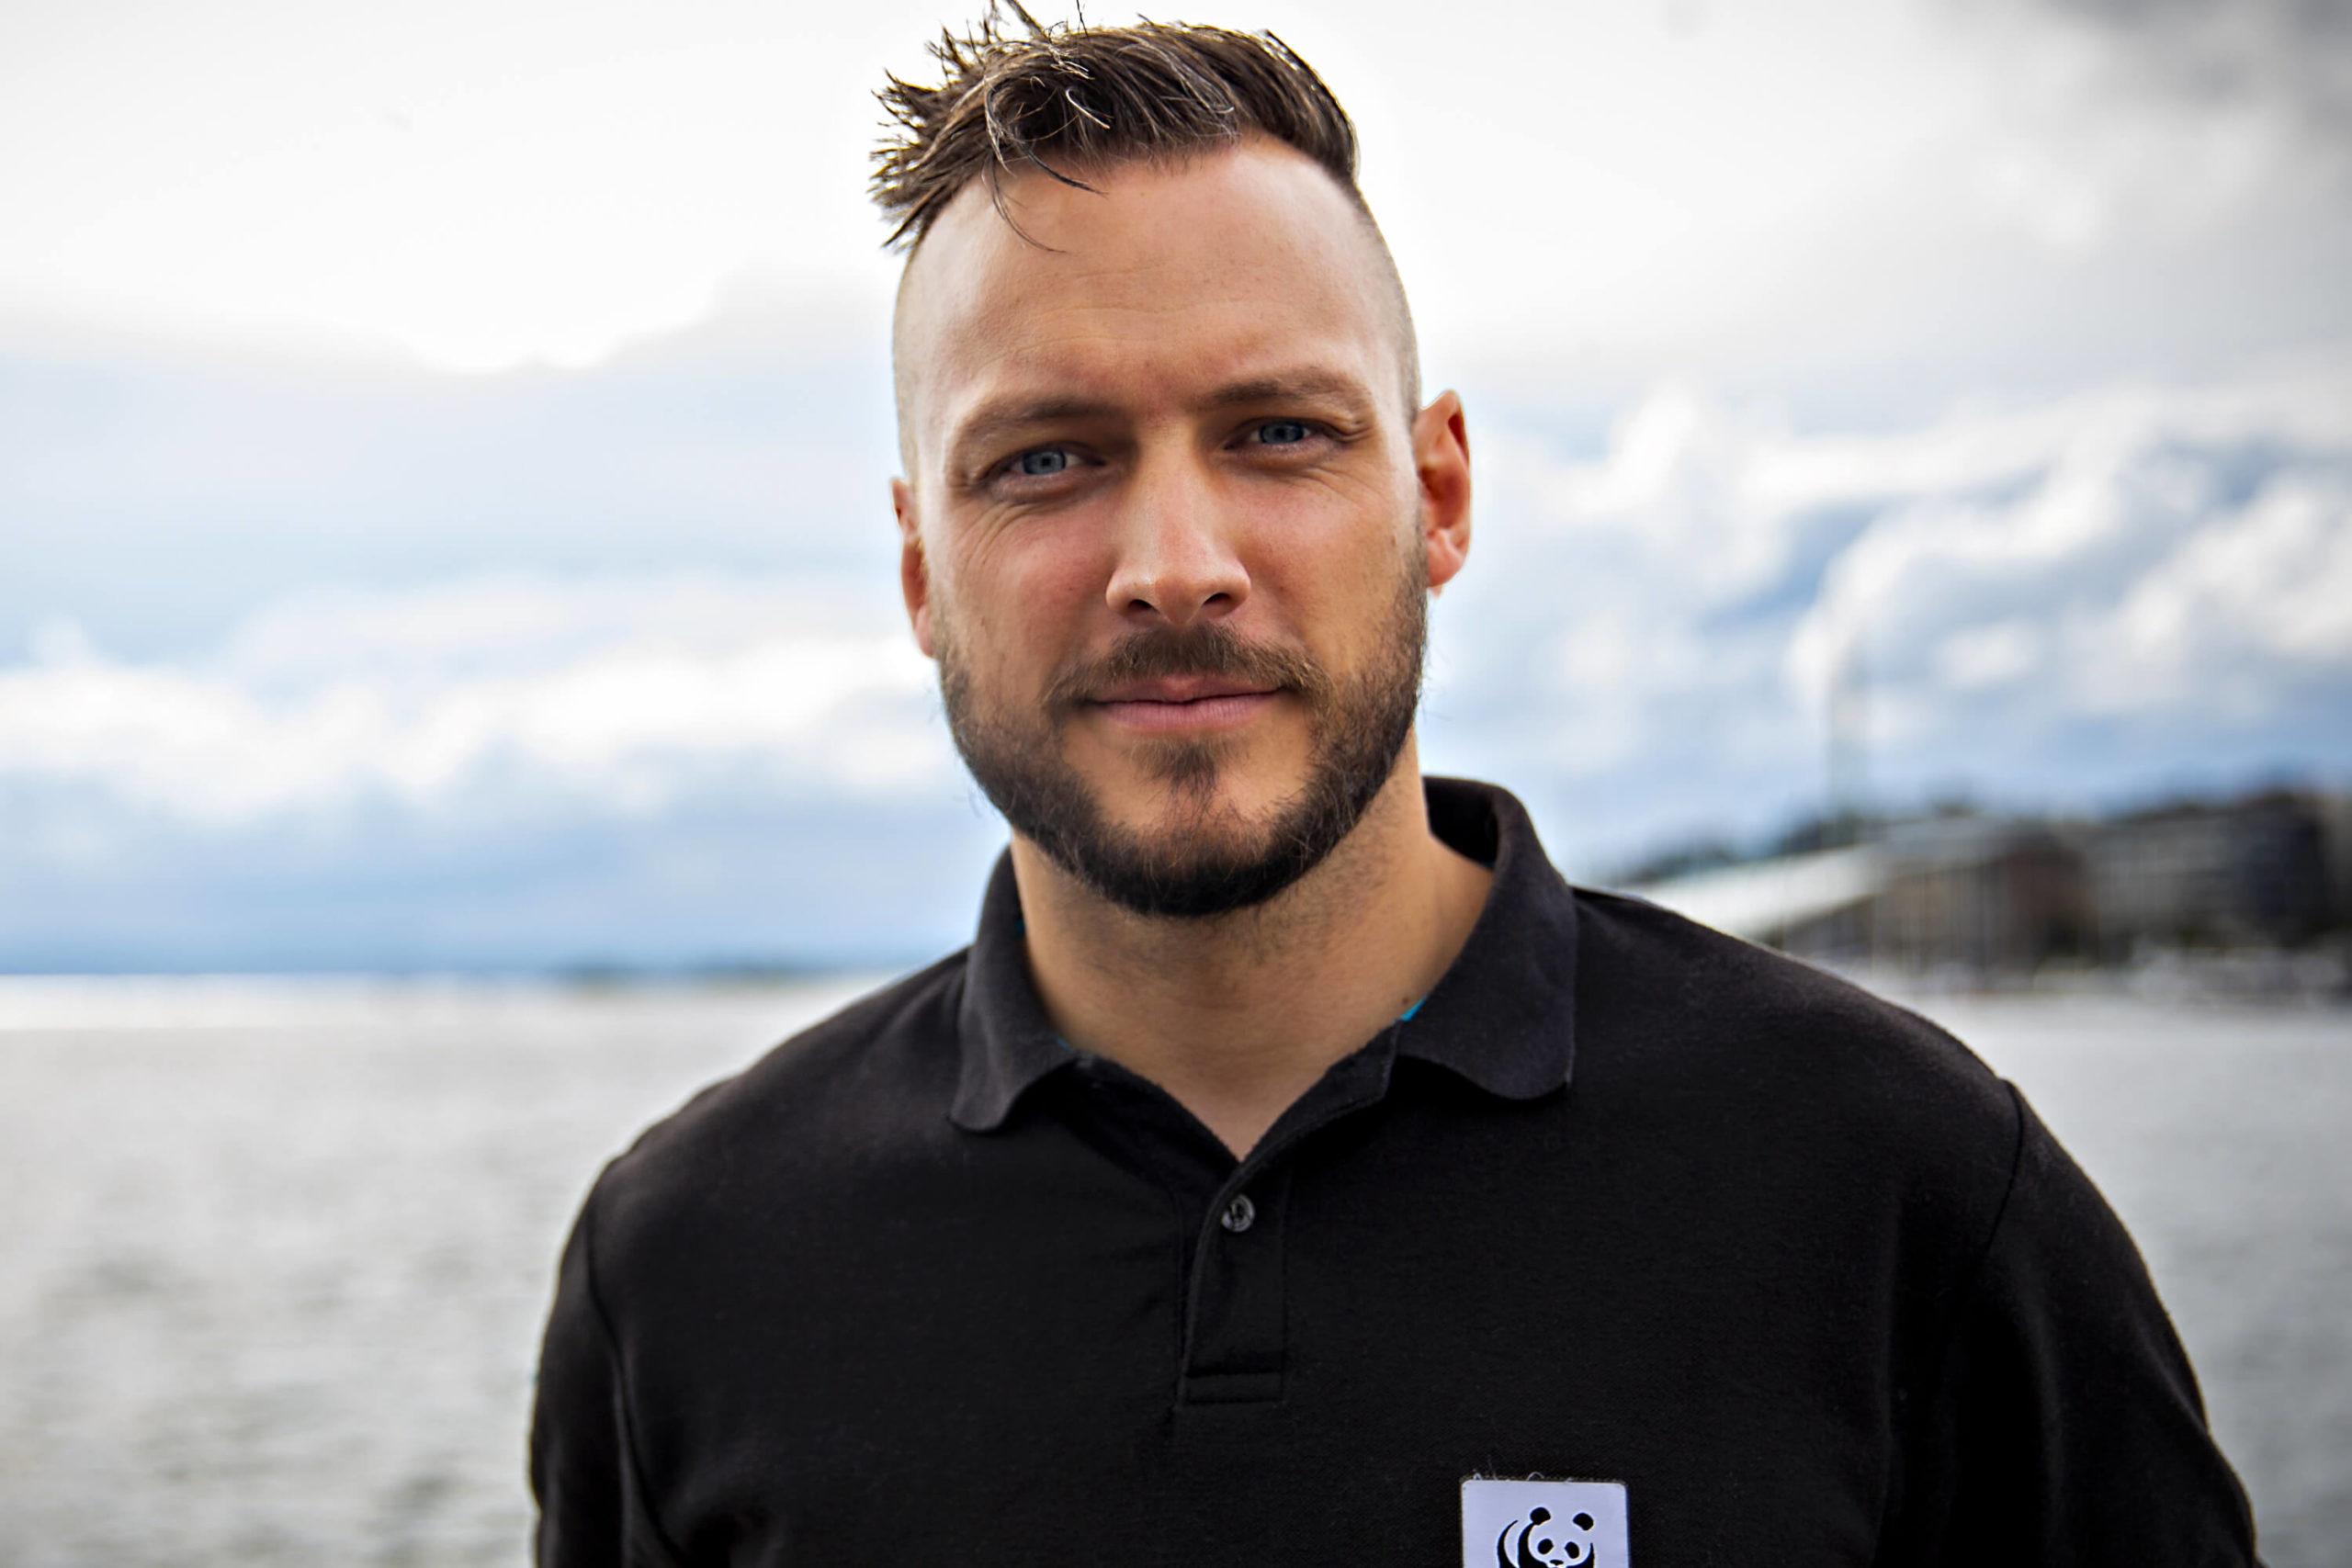 Bildet viser Fredrik Myhre som smiler til kamera